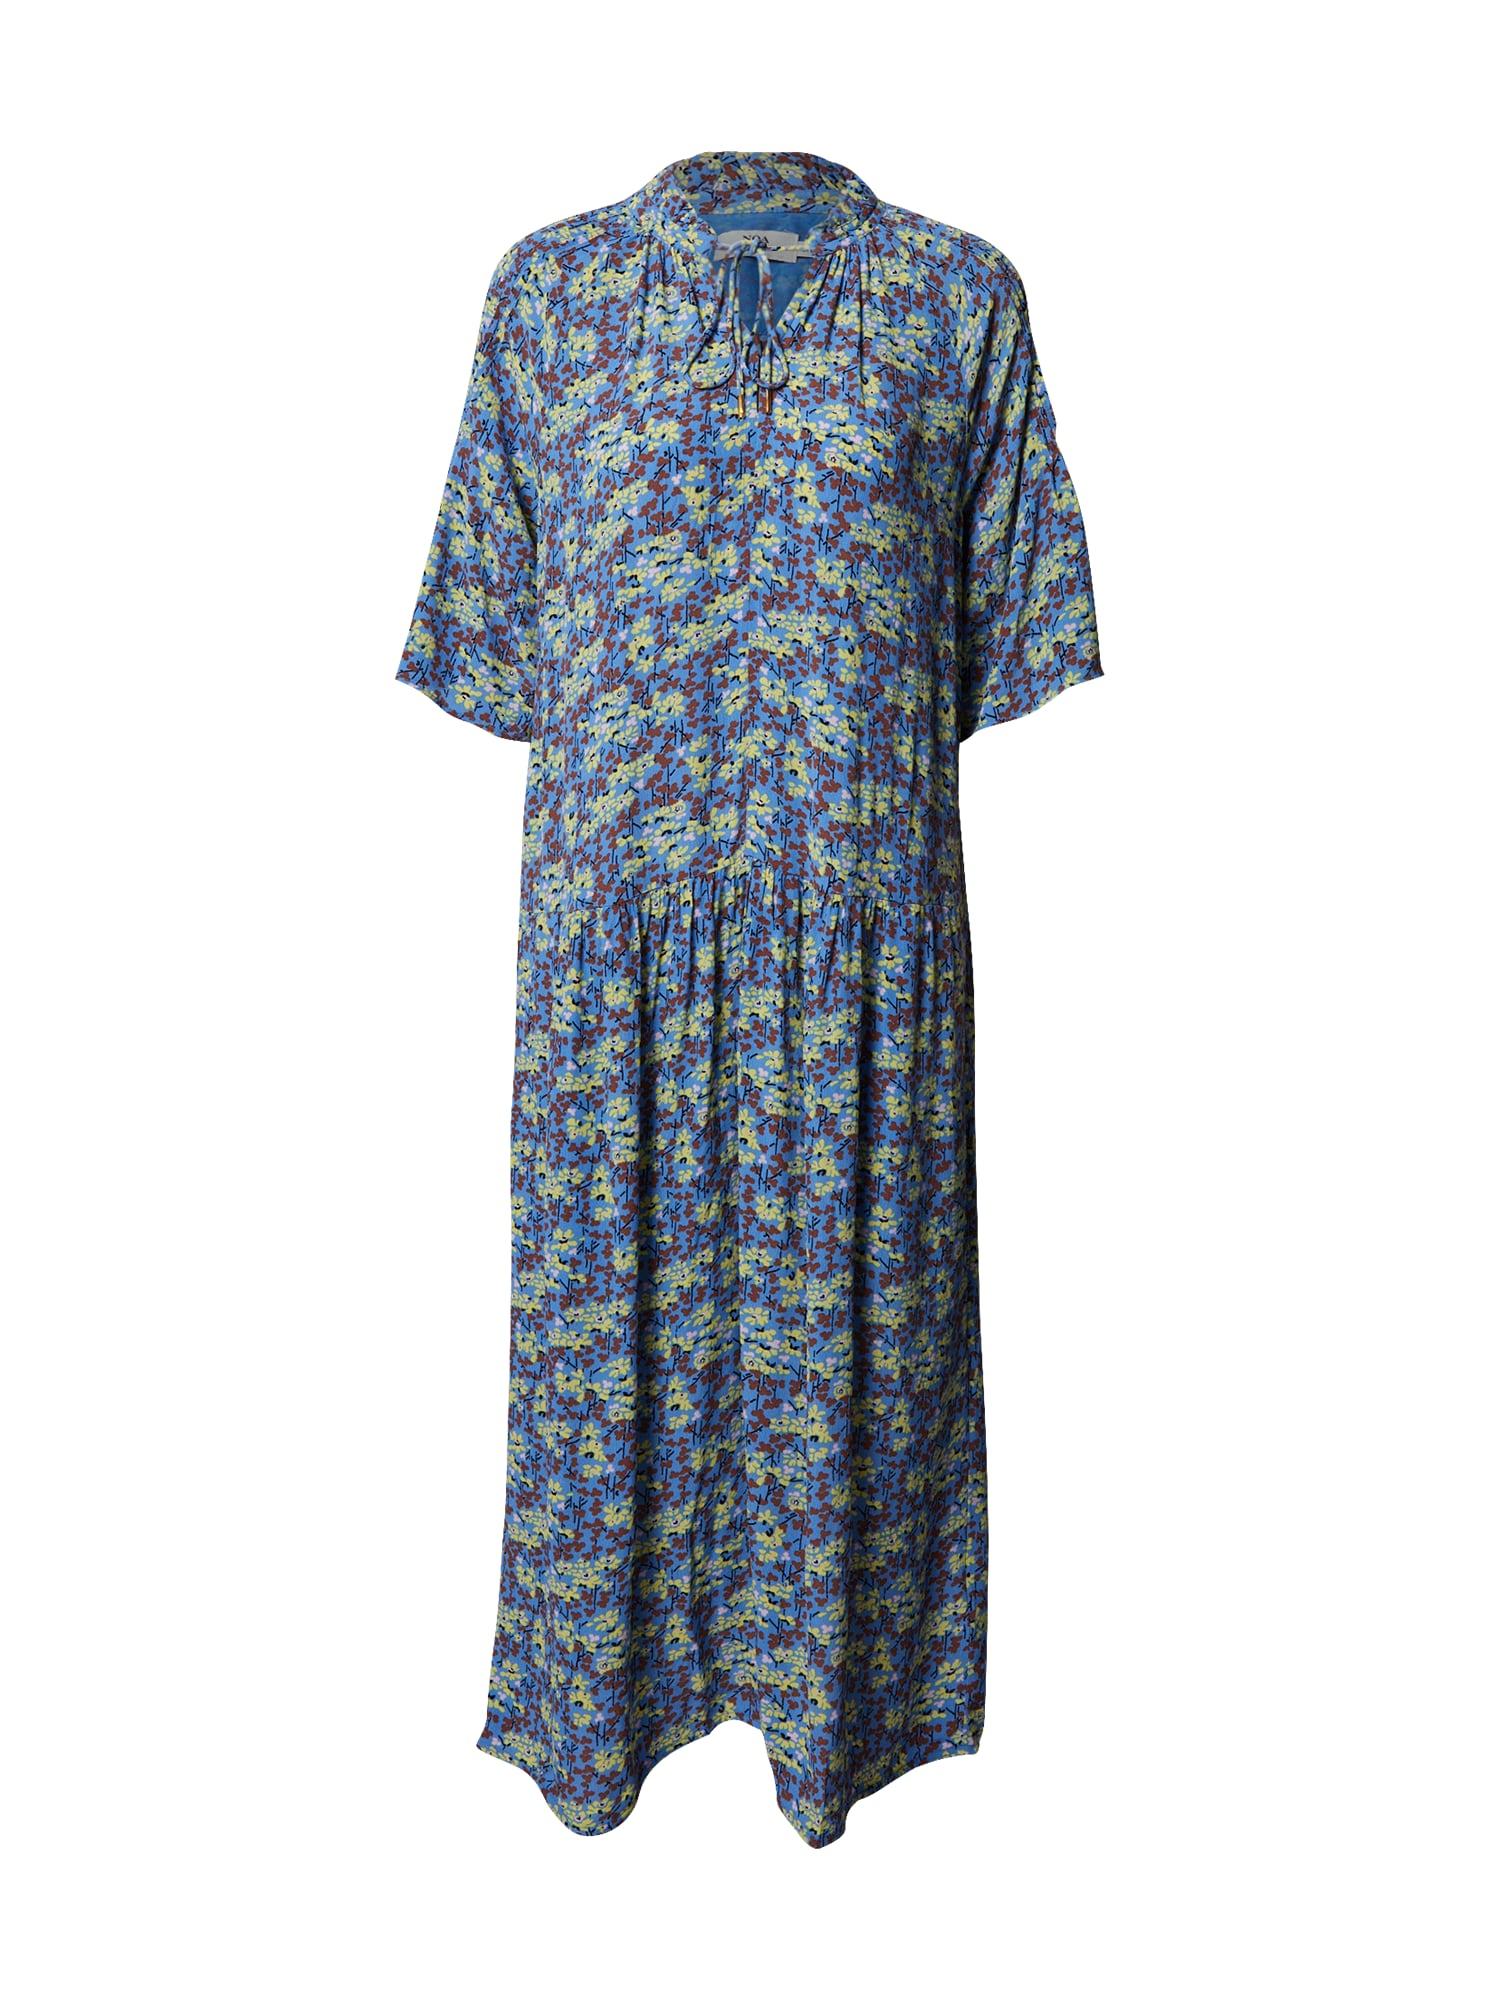 Noa Noa Vasarinė suknelė mėlyna dūmų spalva / mišrios spalvos